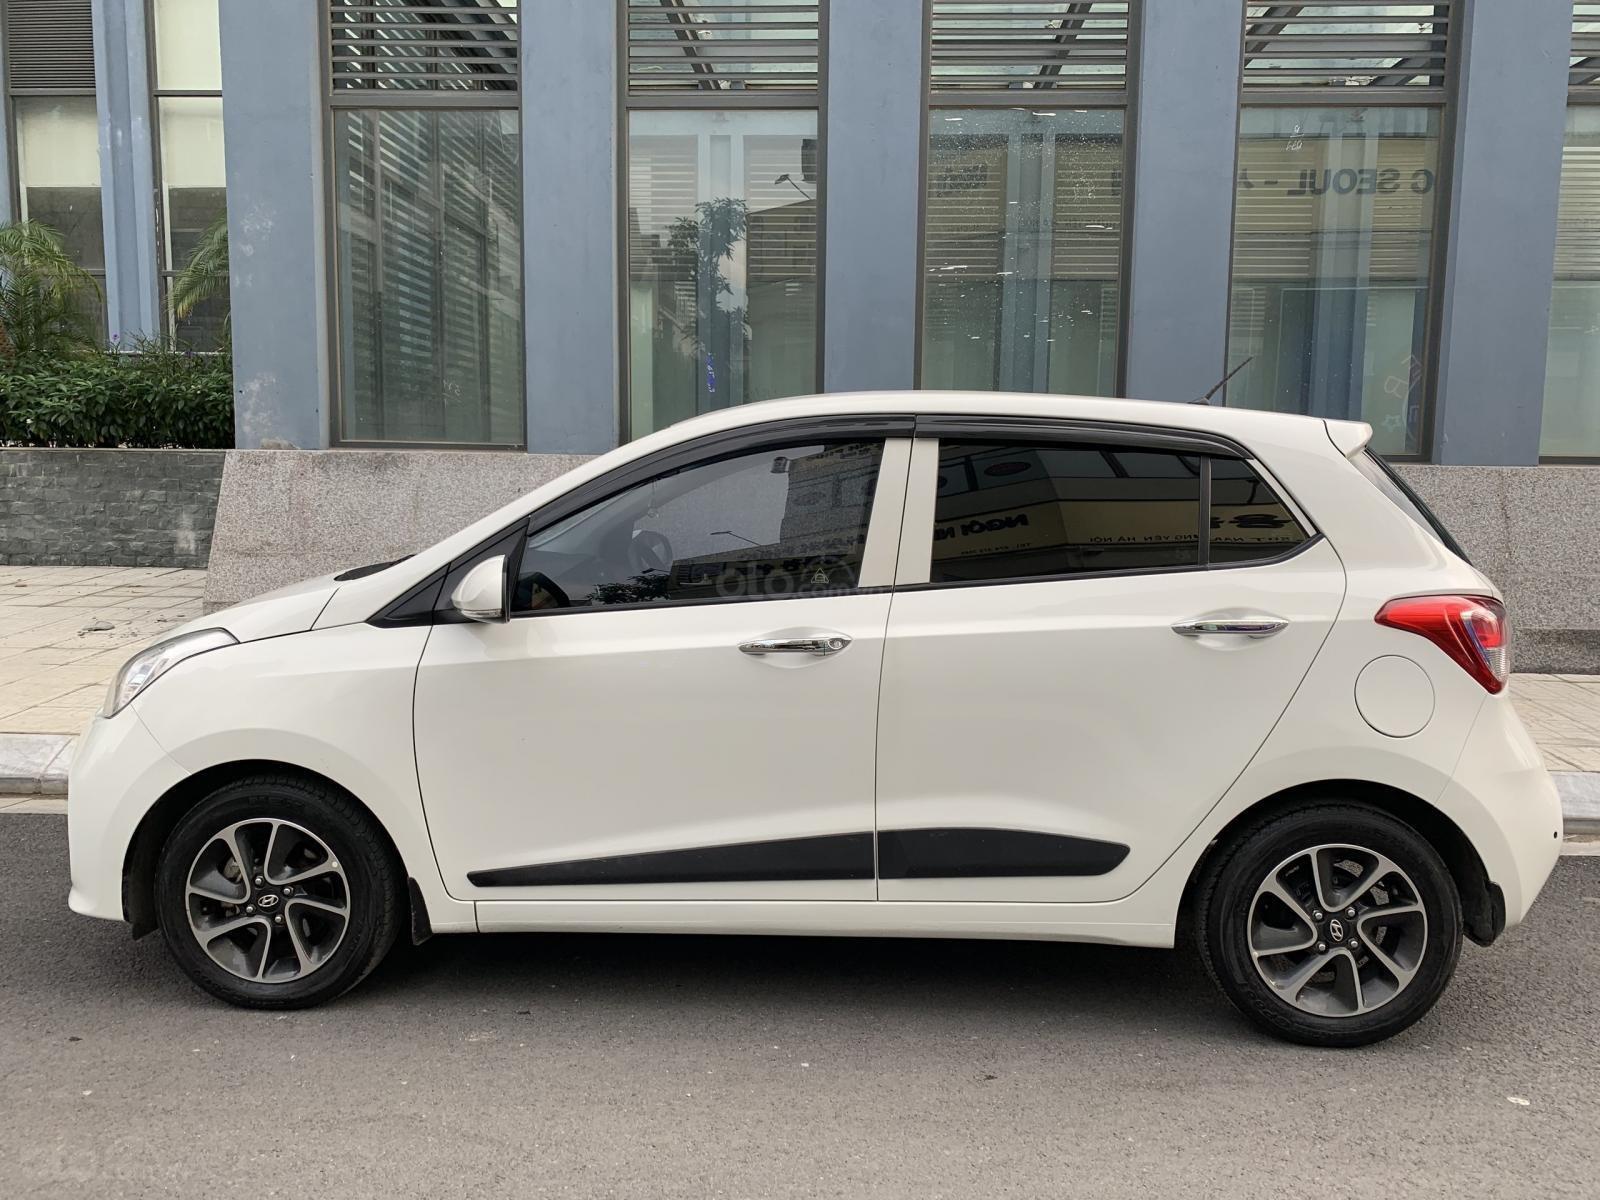 Cần bán xe Hyundai Grand i10 1.2AT Hatchback sản xuất 2017, màu trắng, nhập khẩu nguyên chiếc, 390tr (7)